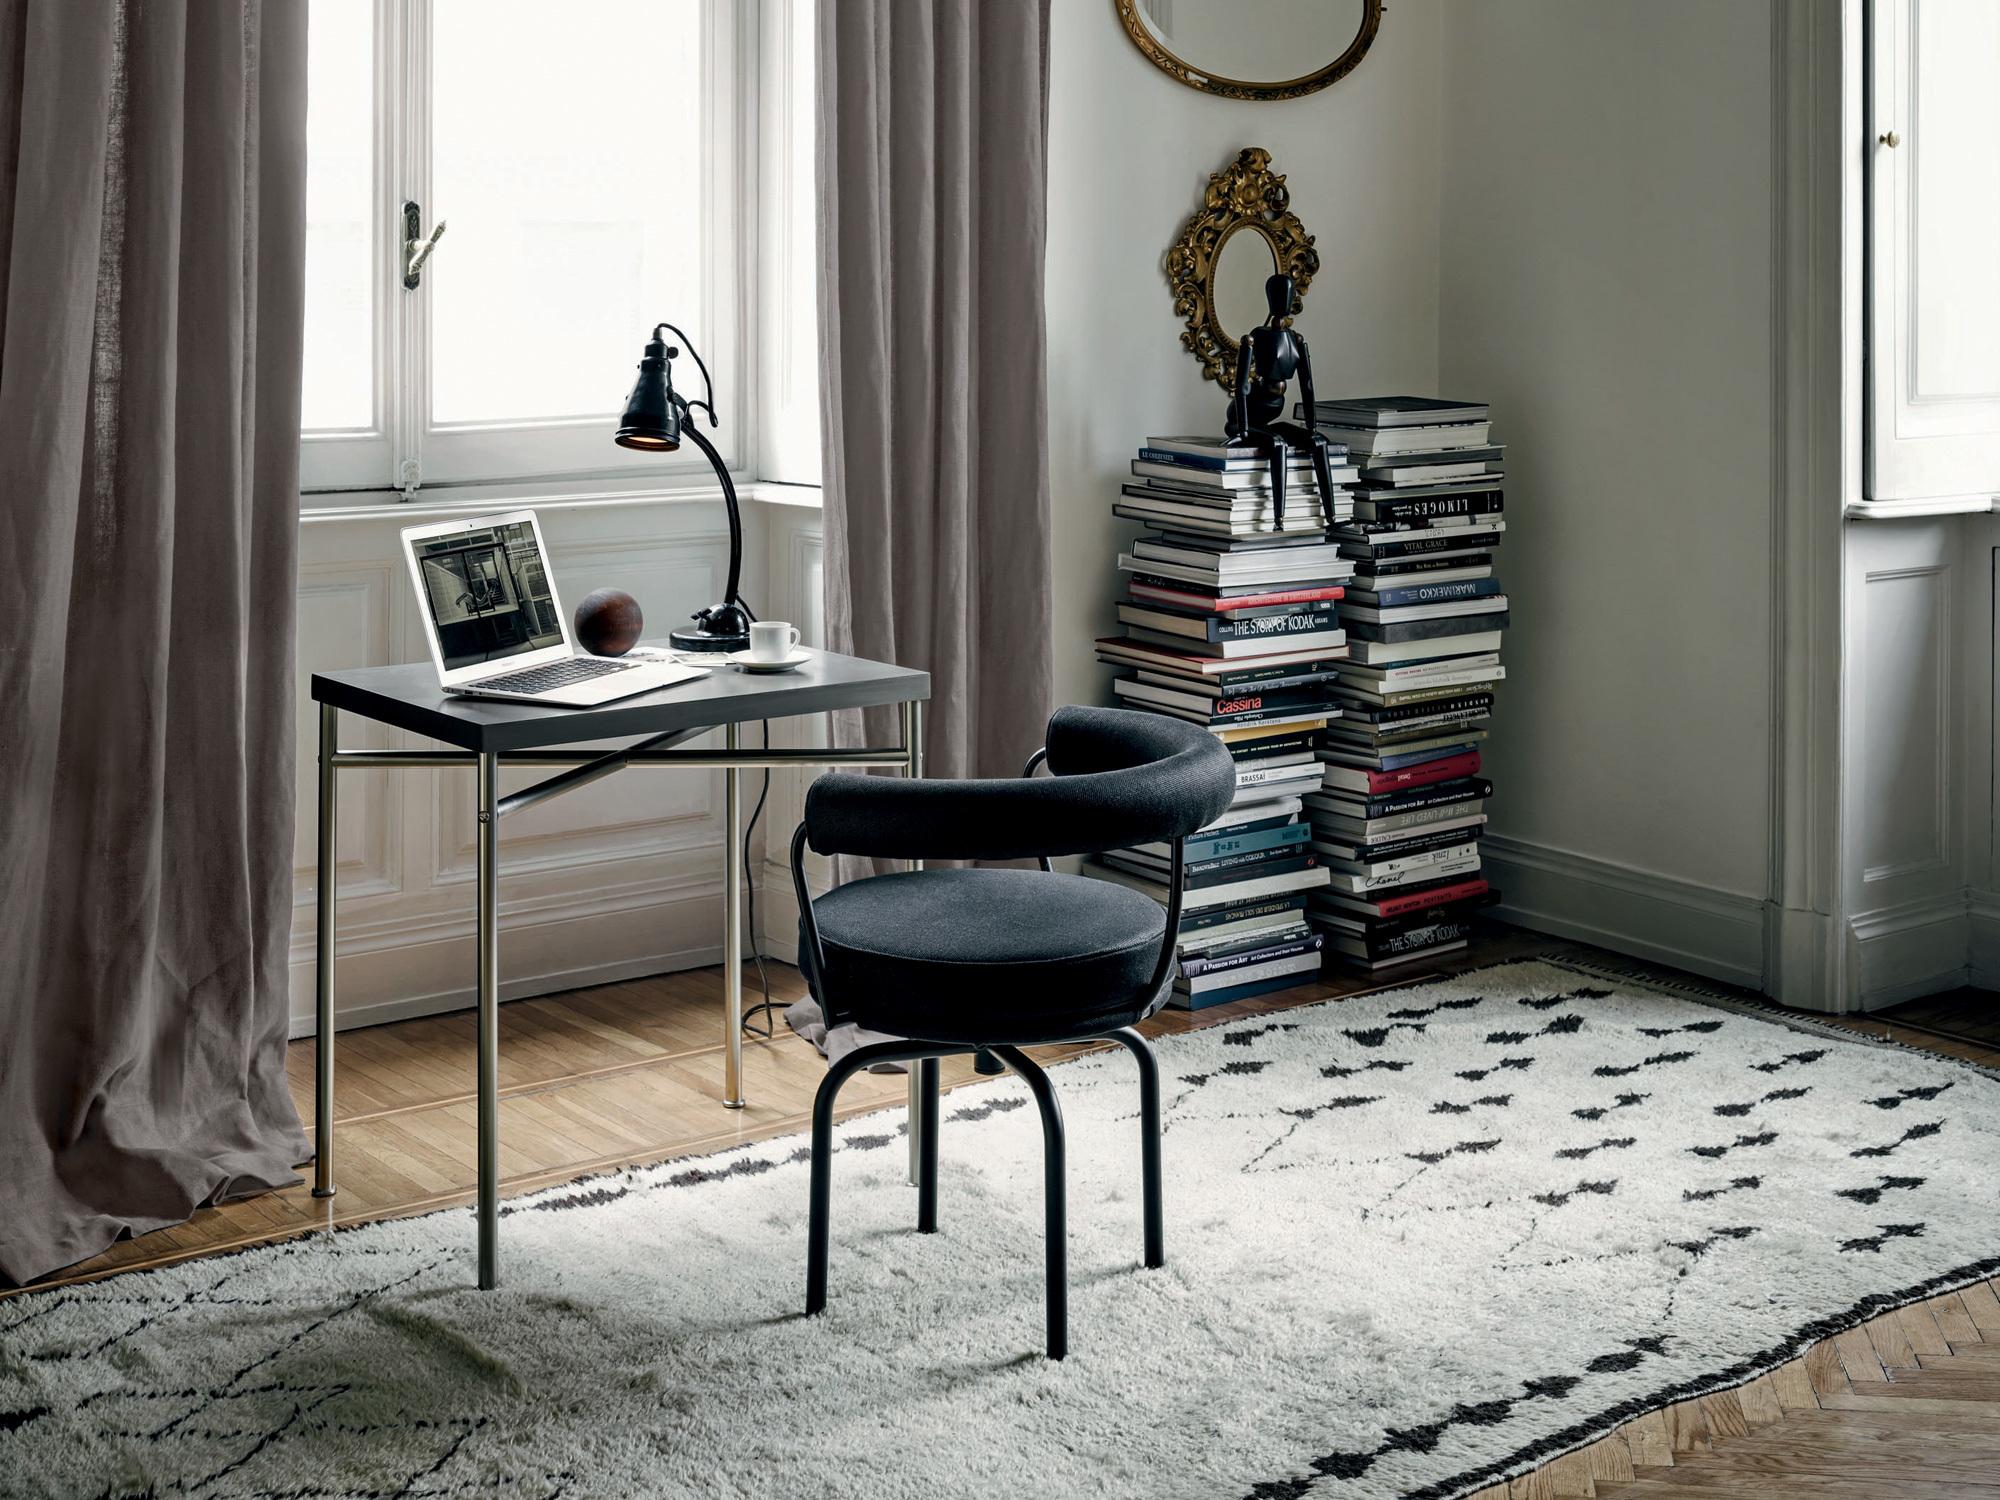 Tisch Esprit Nouveau und Polsterstuhl LC7 von Le Corbusier, Pierre Jeanneret und Charlotte Perriand, produziert von Cassina. Foto: Cassina